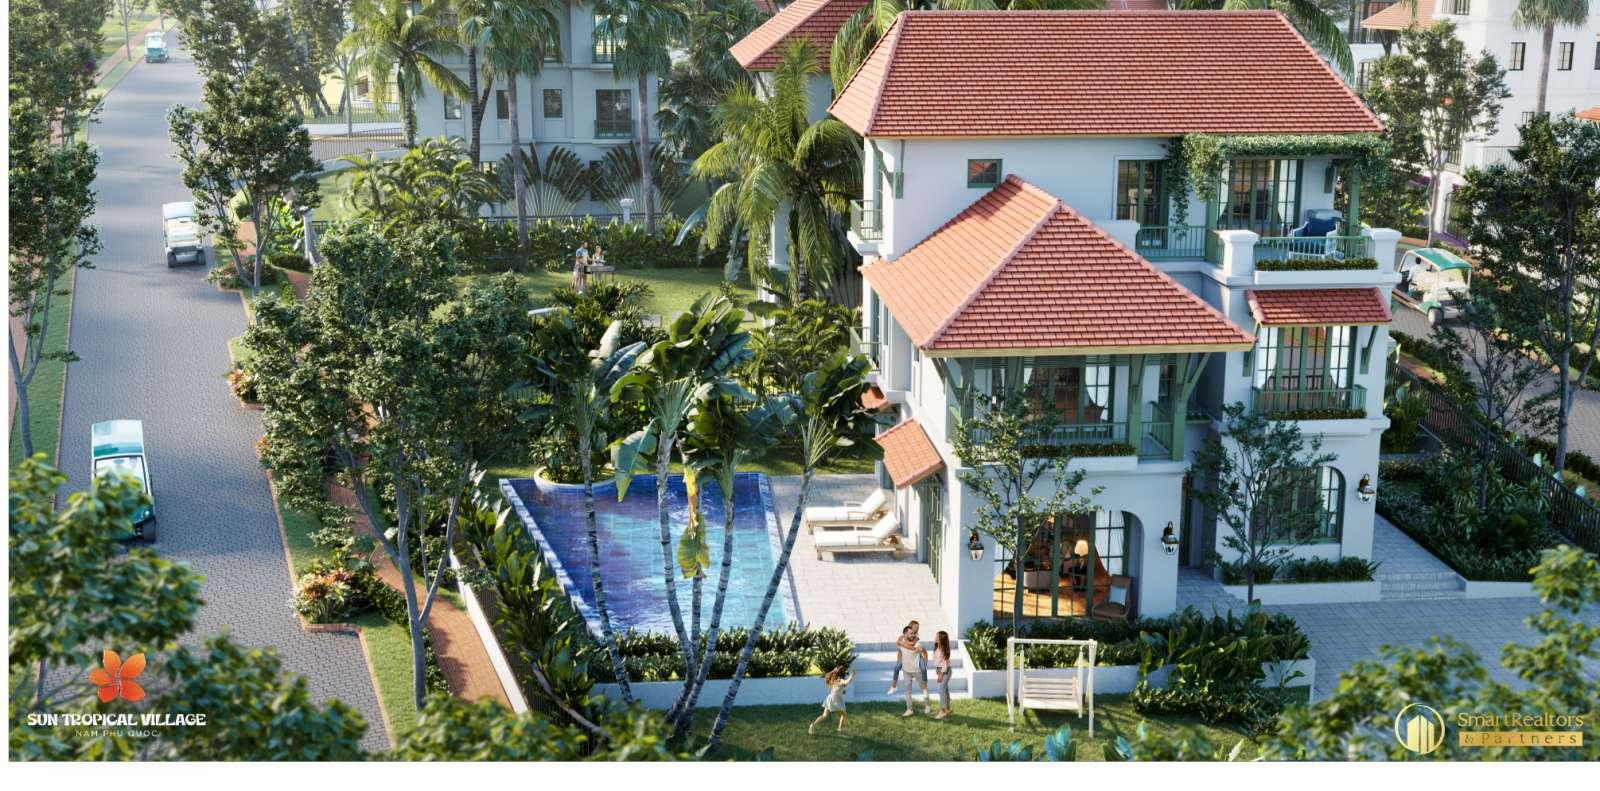 Tìm hiểu CĐT Sun Group và biệt thự Sun Tropical Village